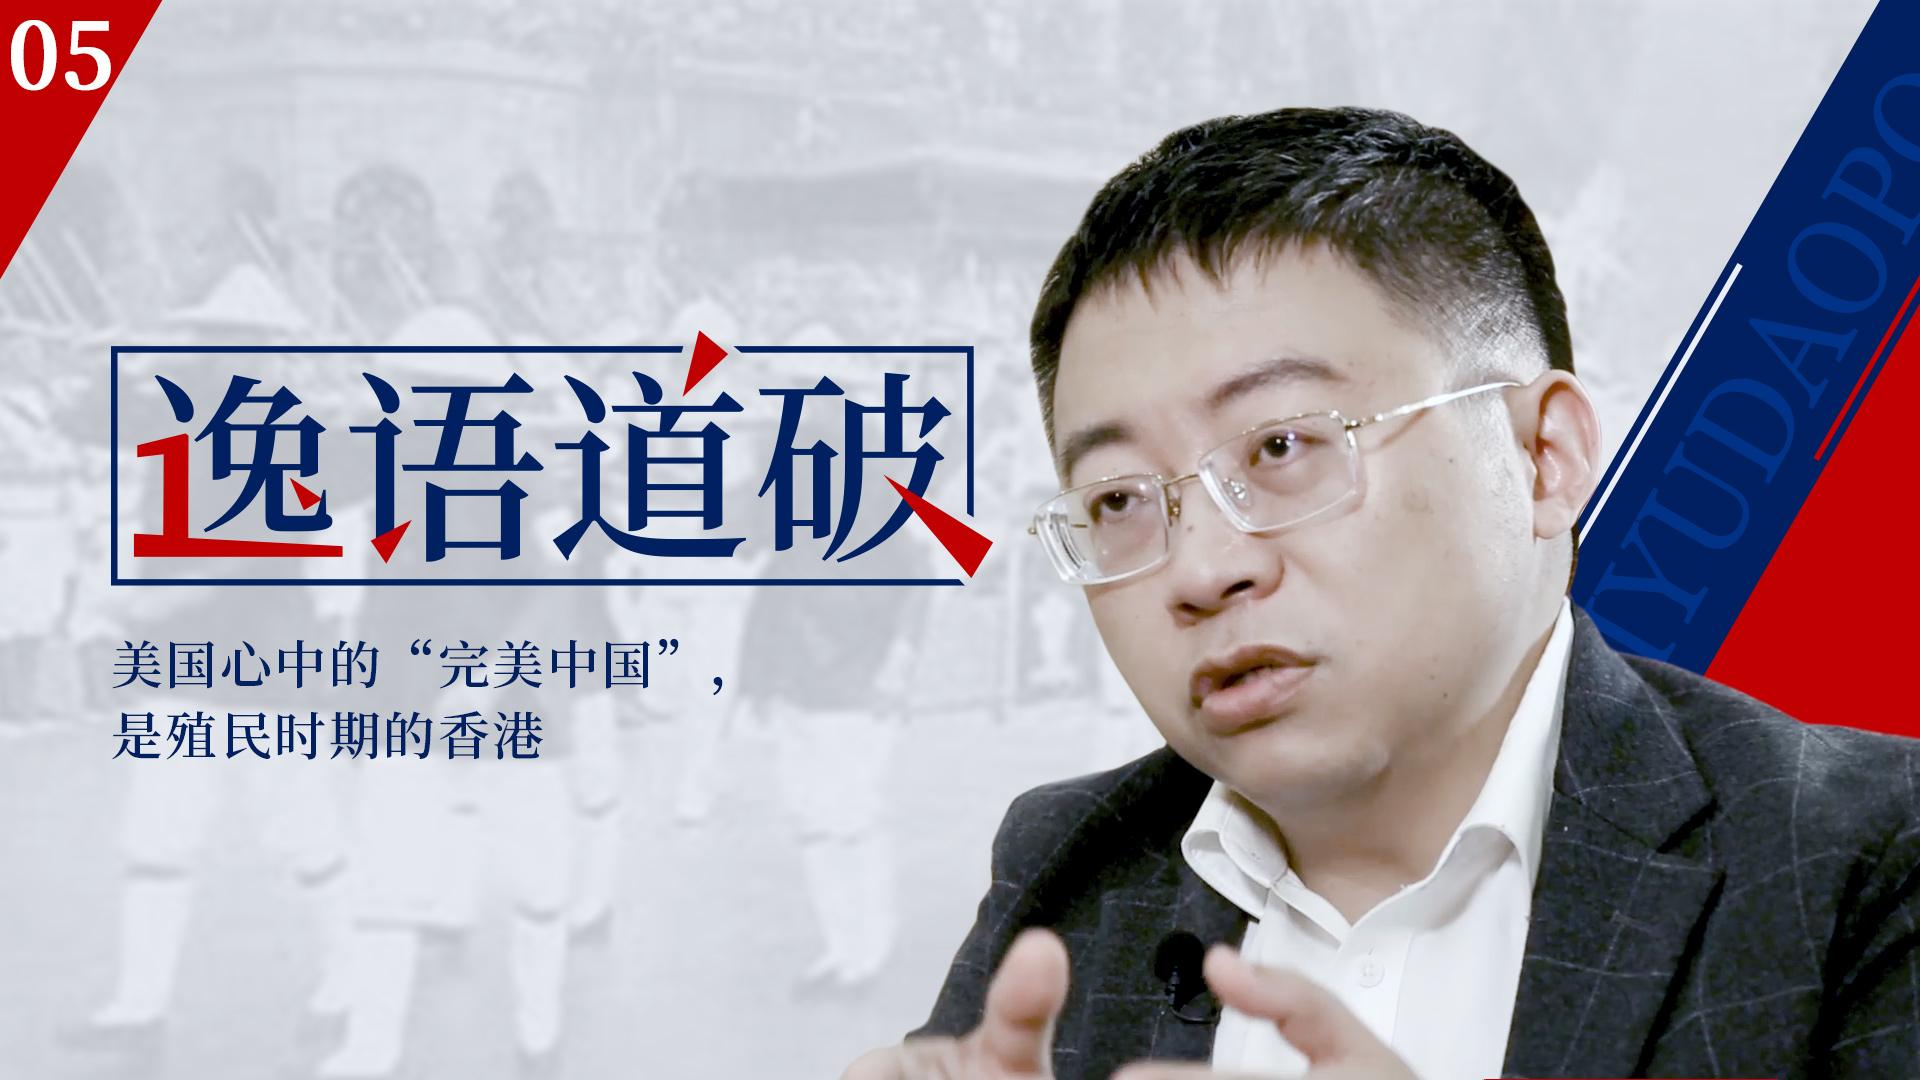 """【逸语道破05】美国心中的""""完美中国"""",是殖民时期的香港,人民听话还没有共产党"""